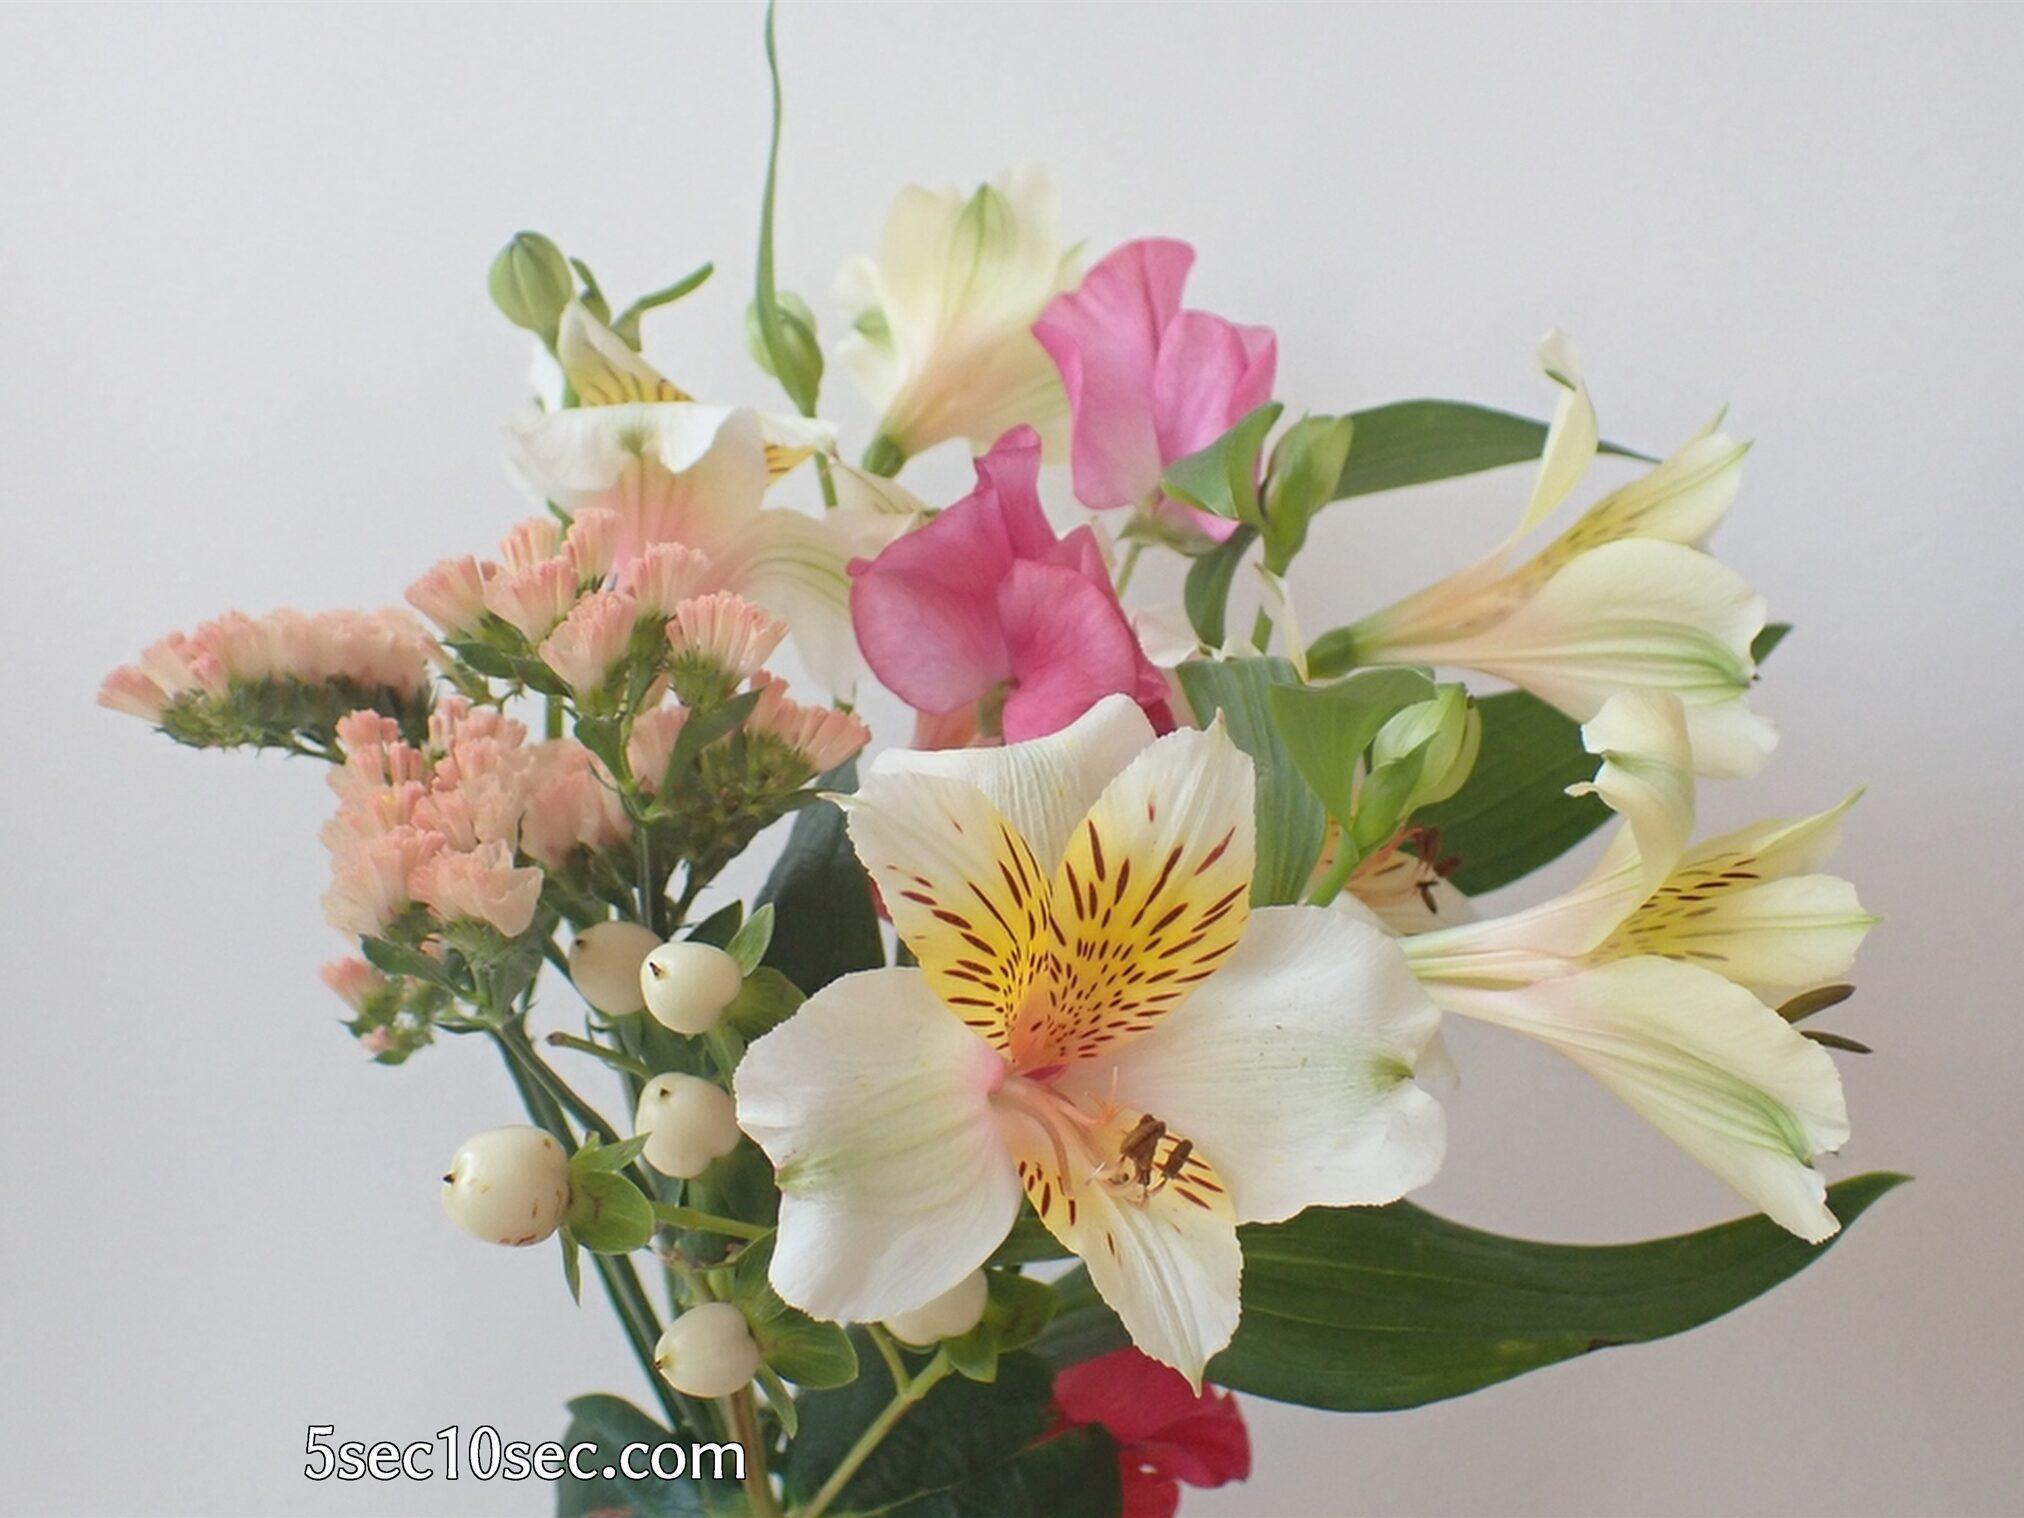 Bloomee LIFE(ブルーミーライフ)レギュラープラン 前回のお花のアルストロメリアのつぼみが開いた